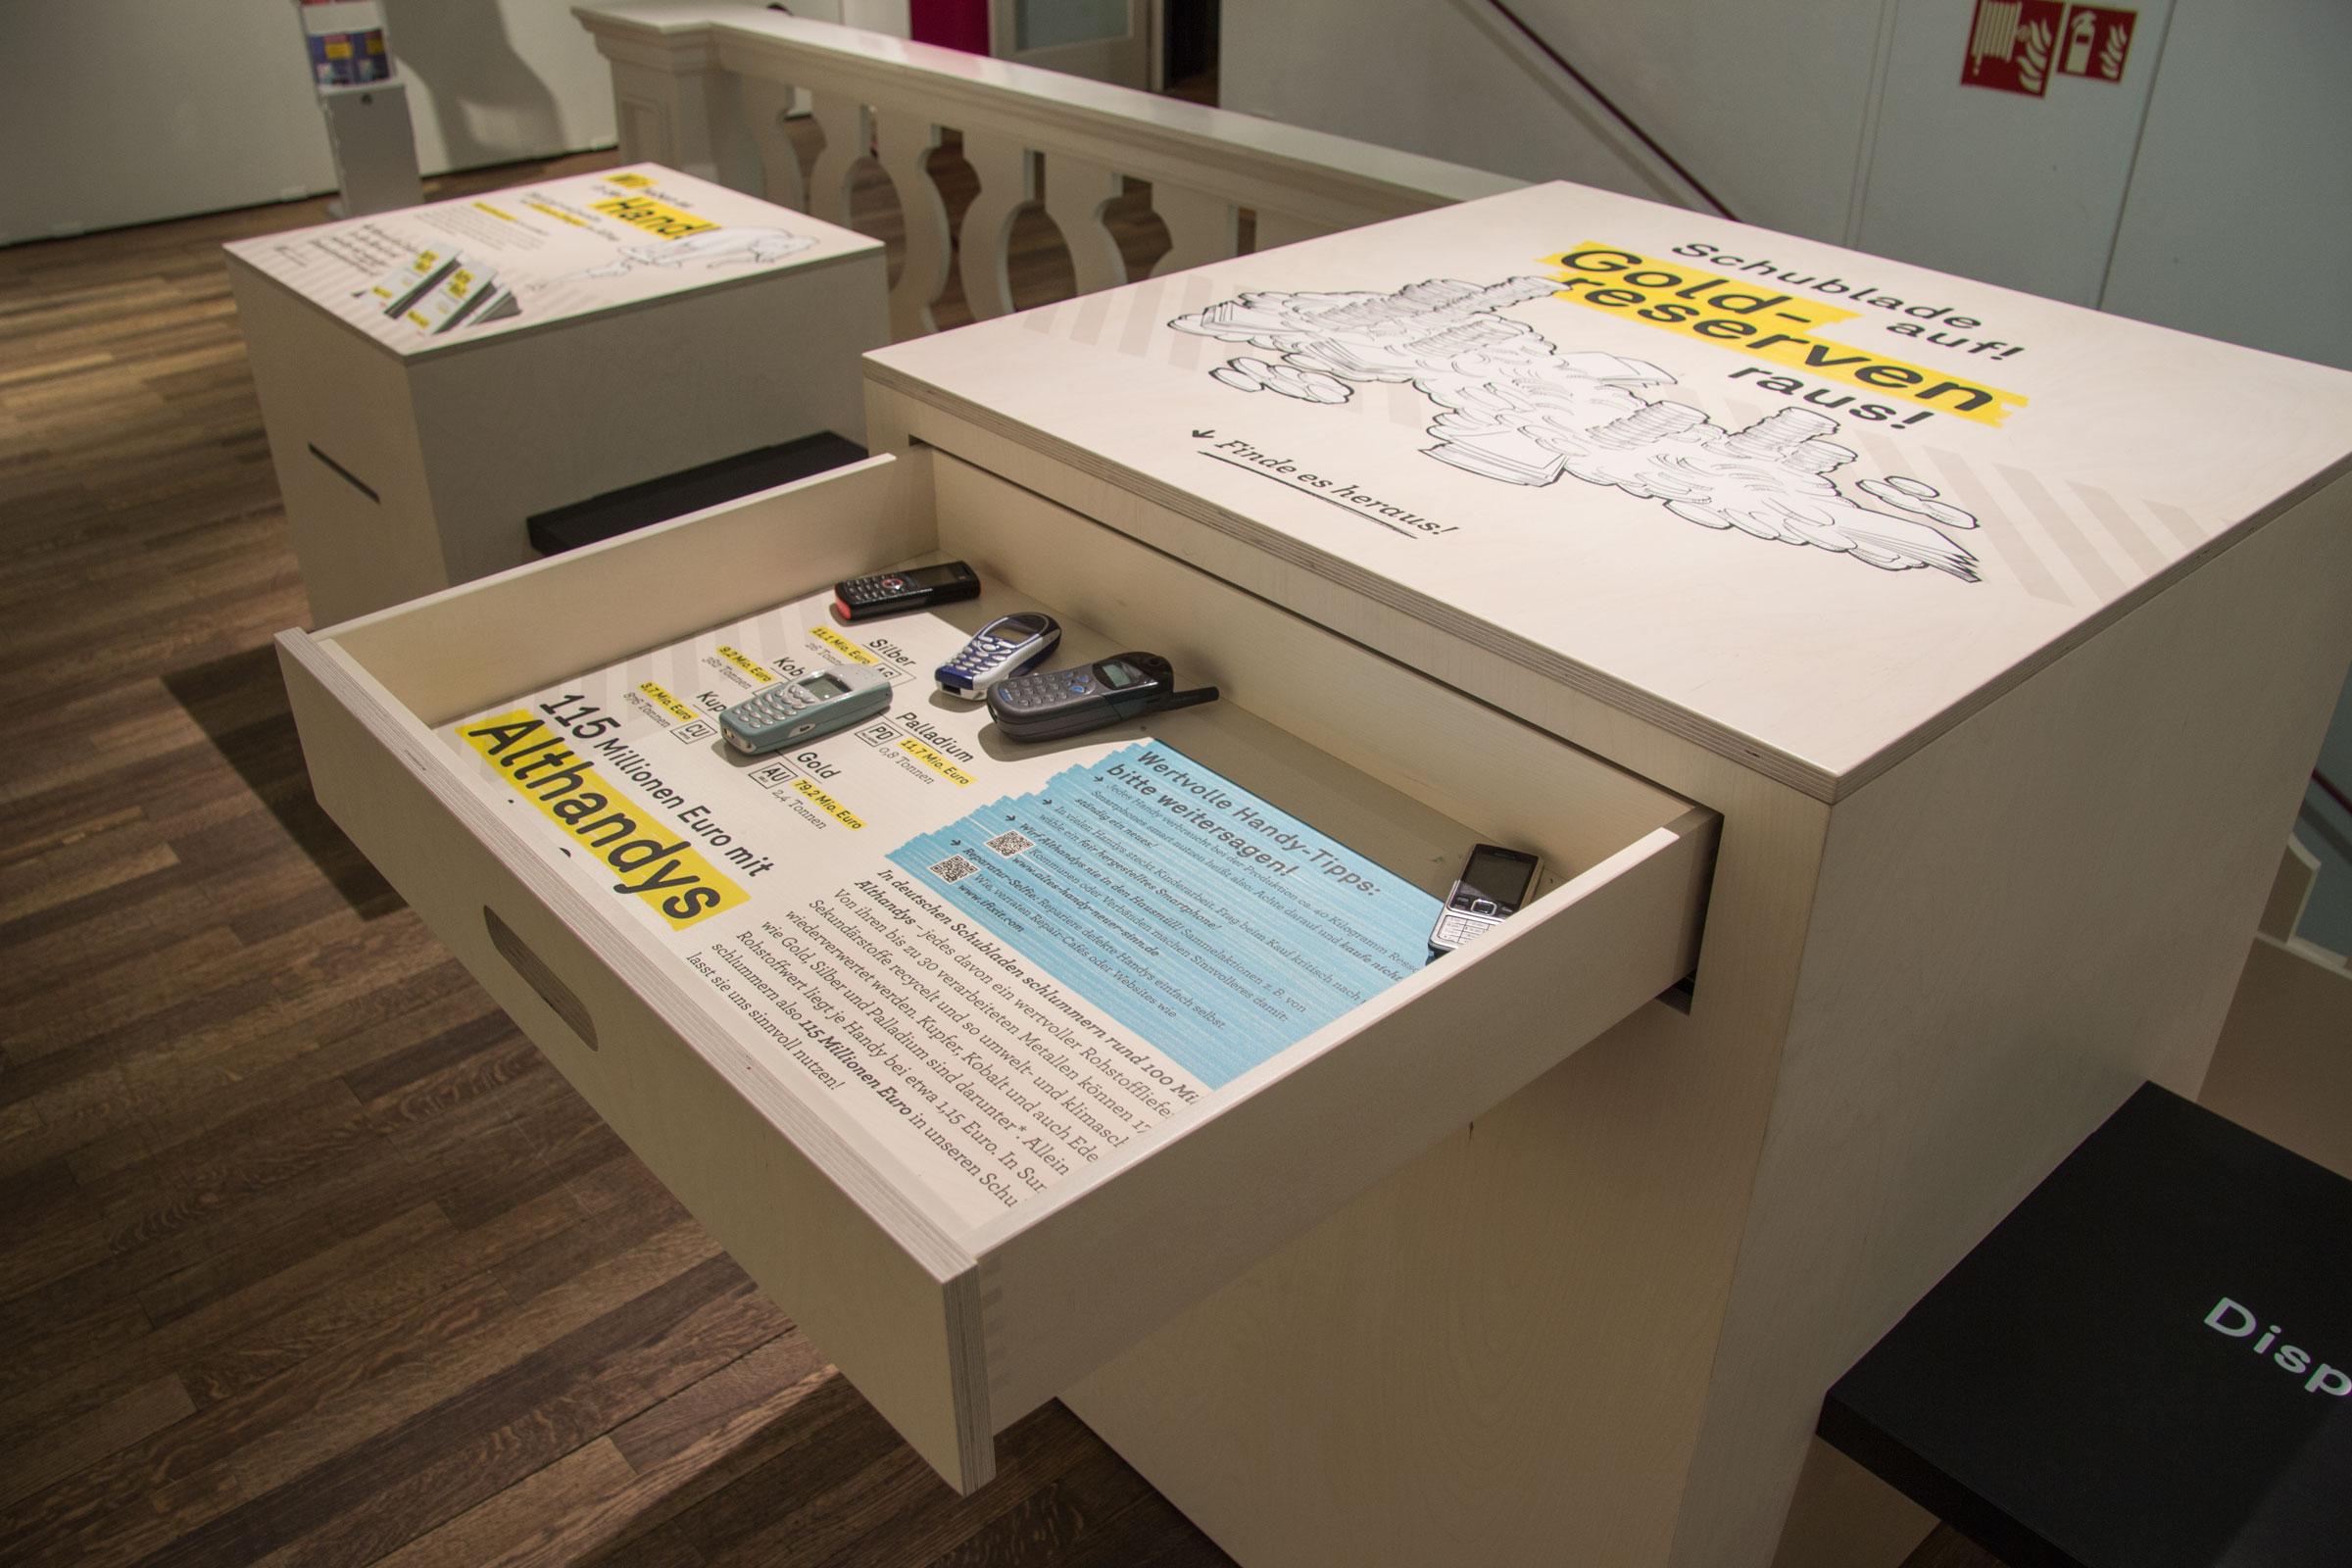 Offene Schublade der Kiste »Rohstoffe in Handys«